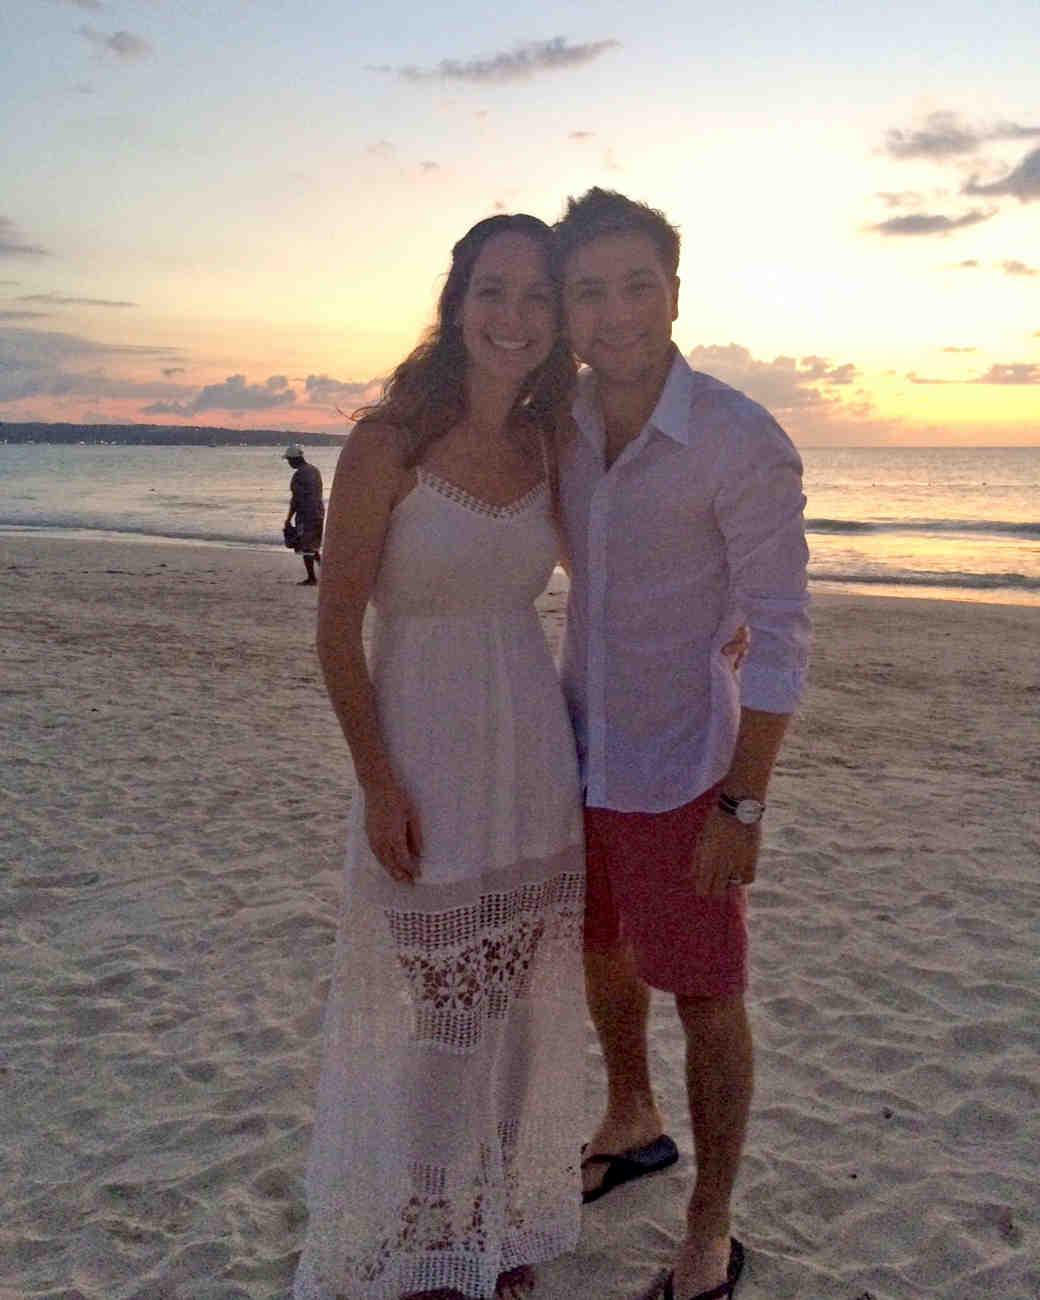 whitney-paul-caribbean-honeymoon-diaries-jamaica-sunset-0215.jpg